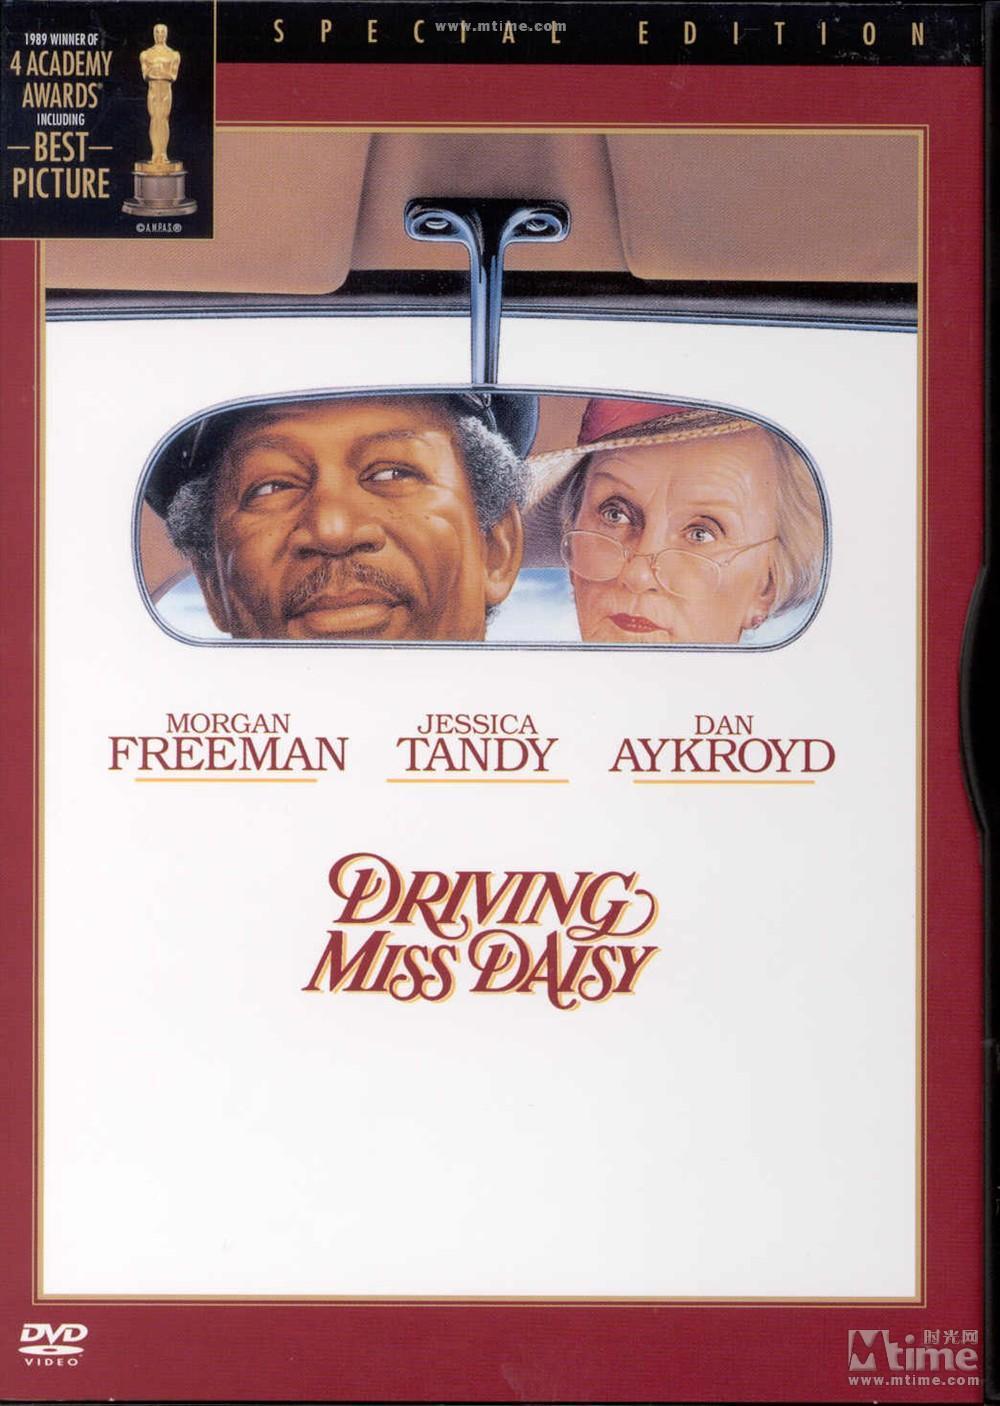 《为黛西小姐开车》谈黑人司机与黛西小姐的关系